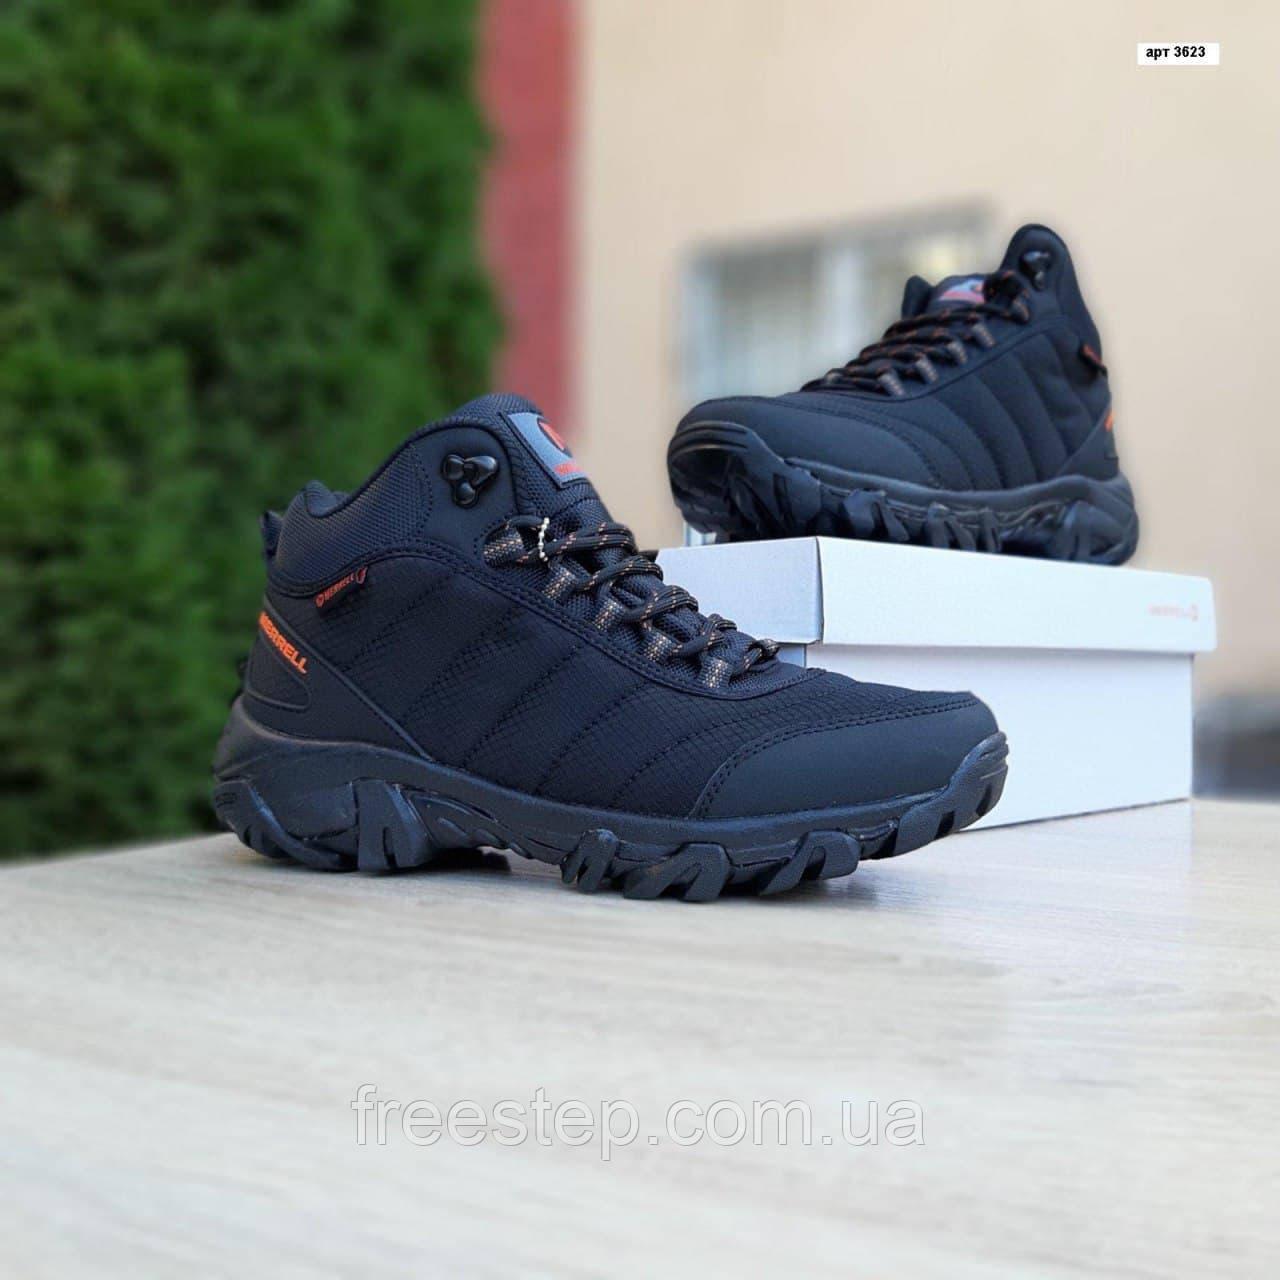 Чоловічі зимові кросівки в стилі Merrell чорні з помаранчевим